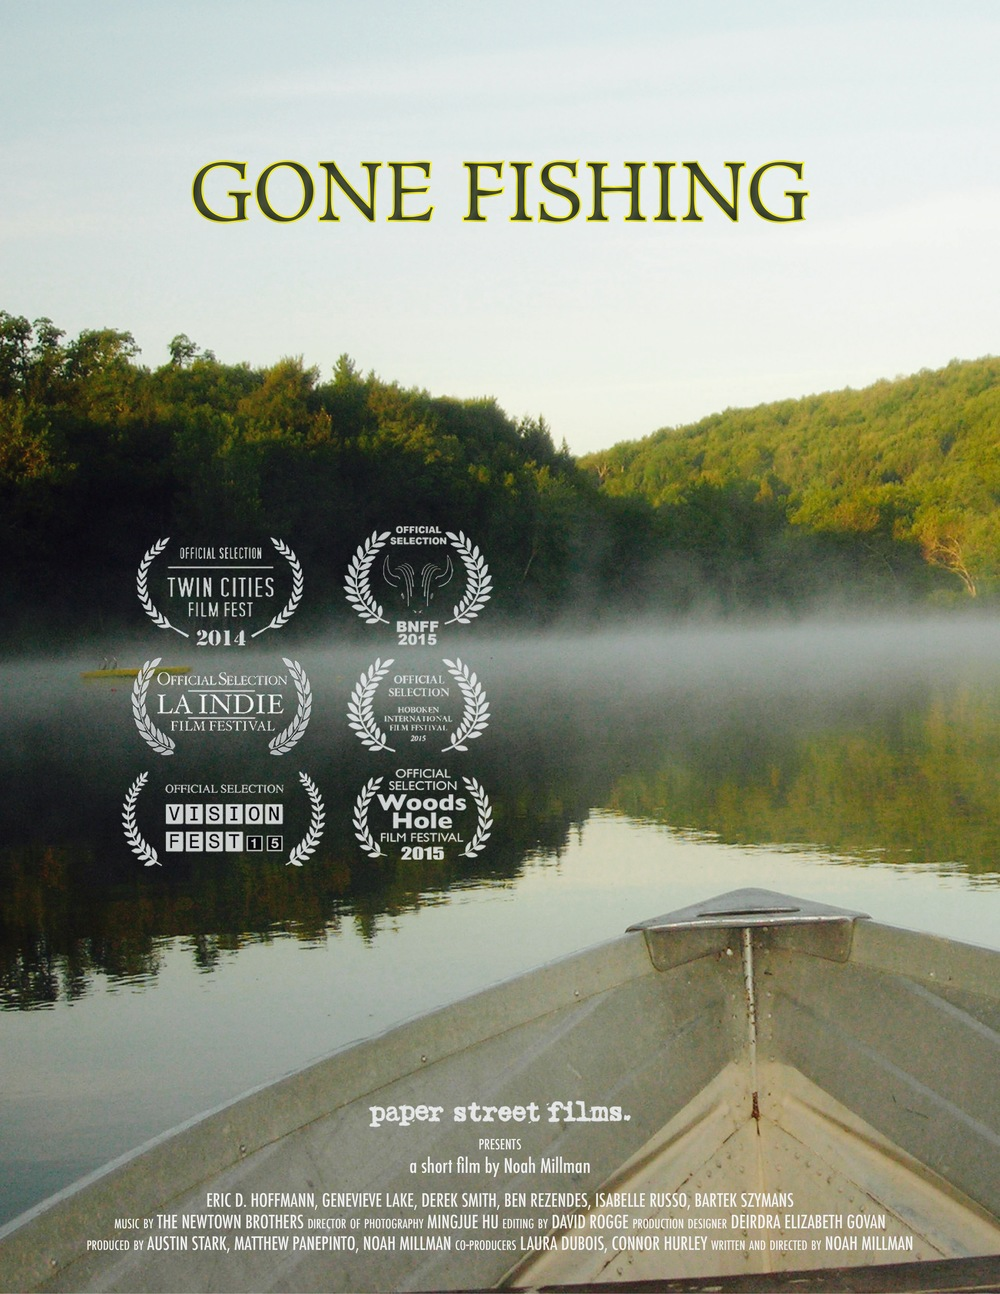 Laura dubois for Gone fishing movie